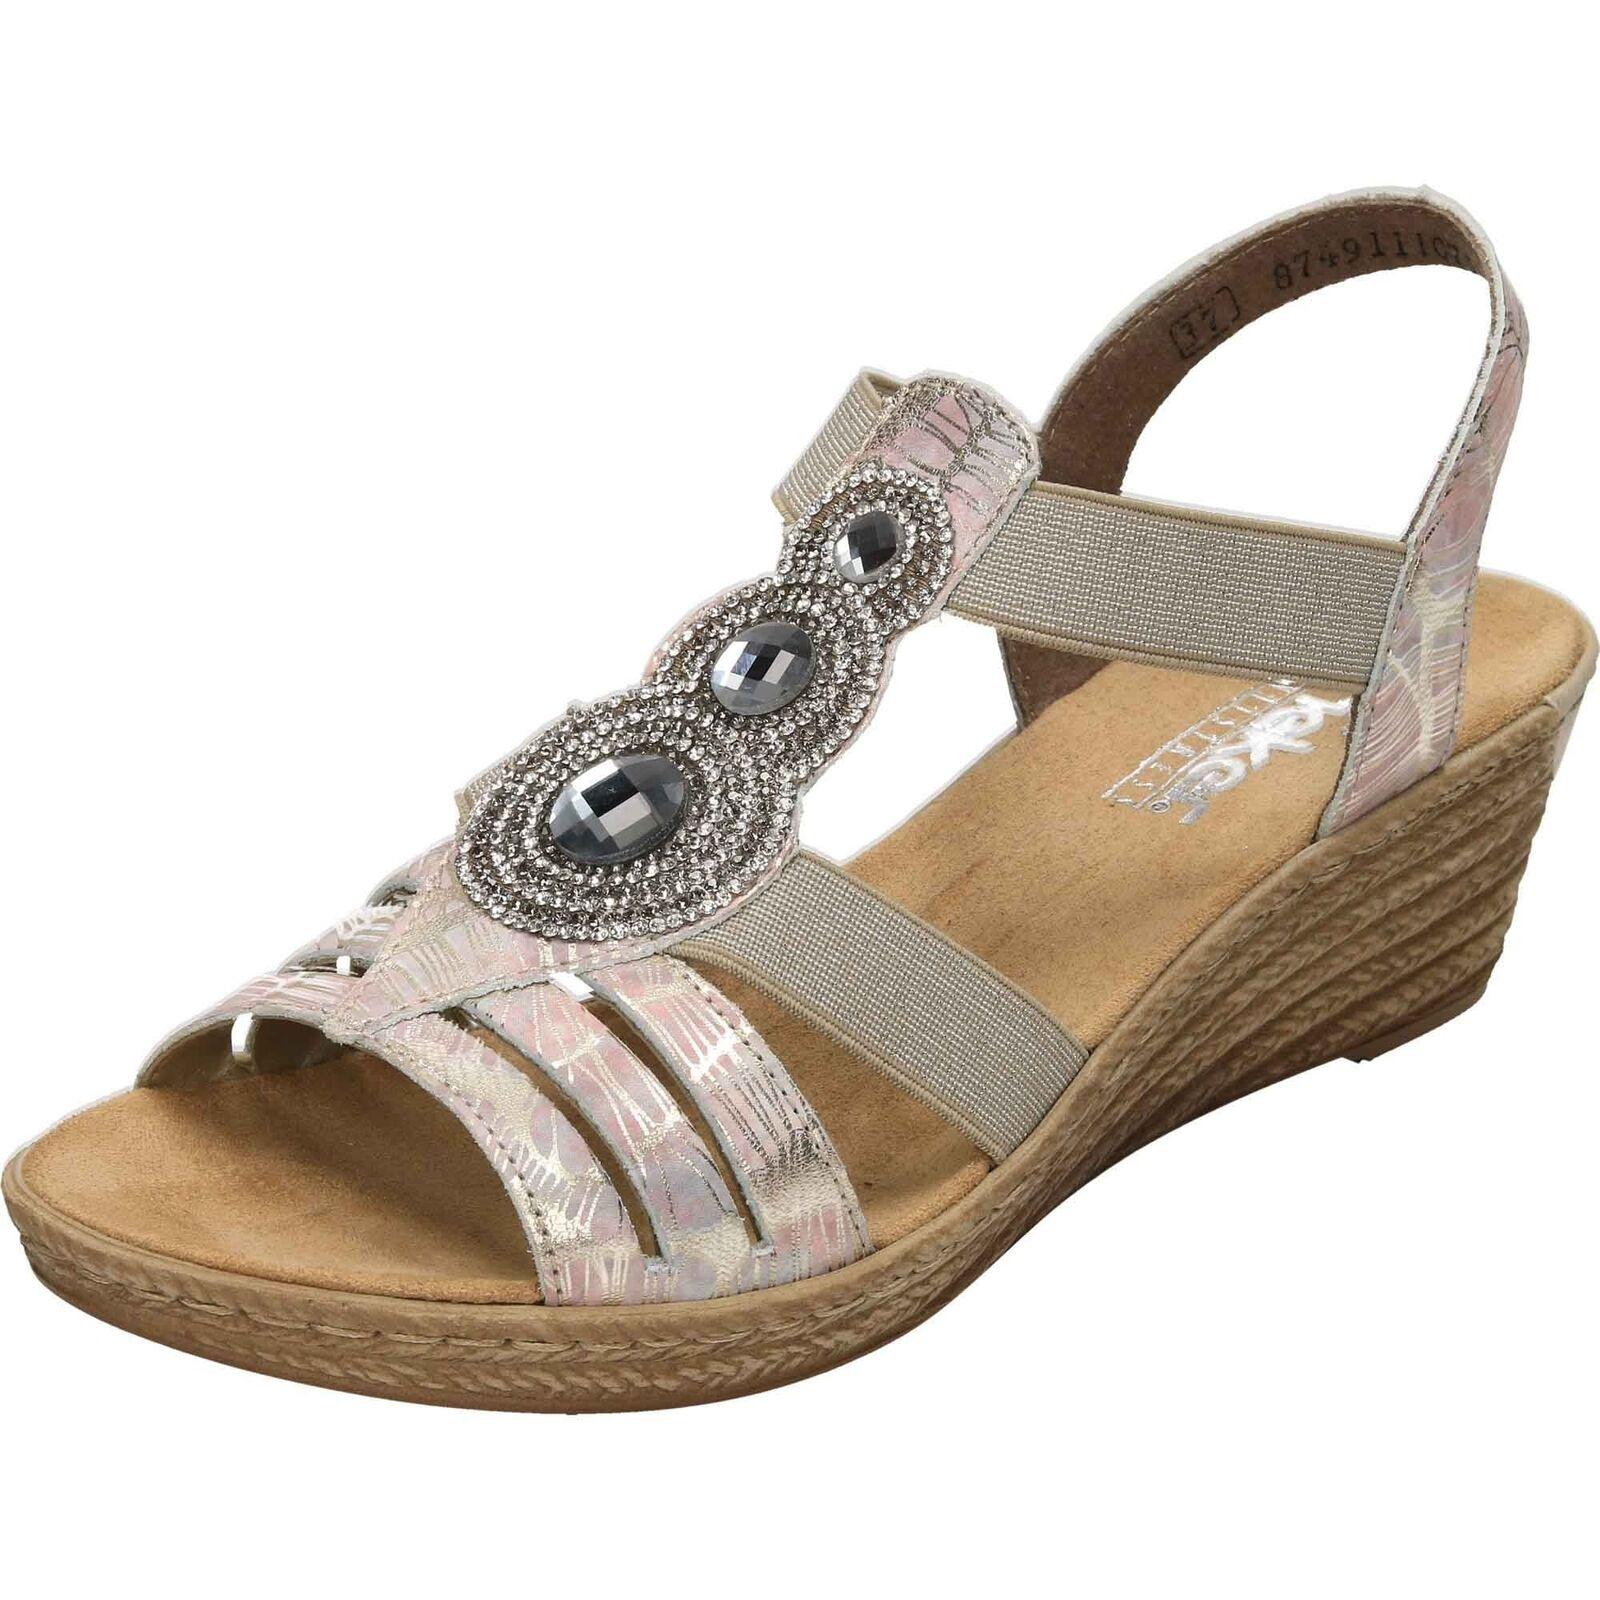 62459 40 Ladies Wedge Slingback Sandals Grey